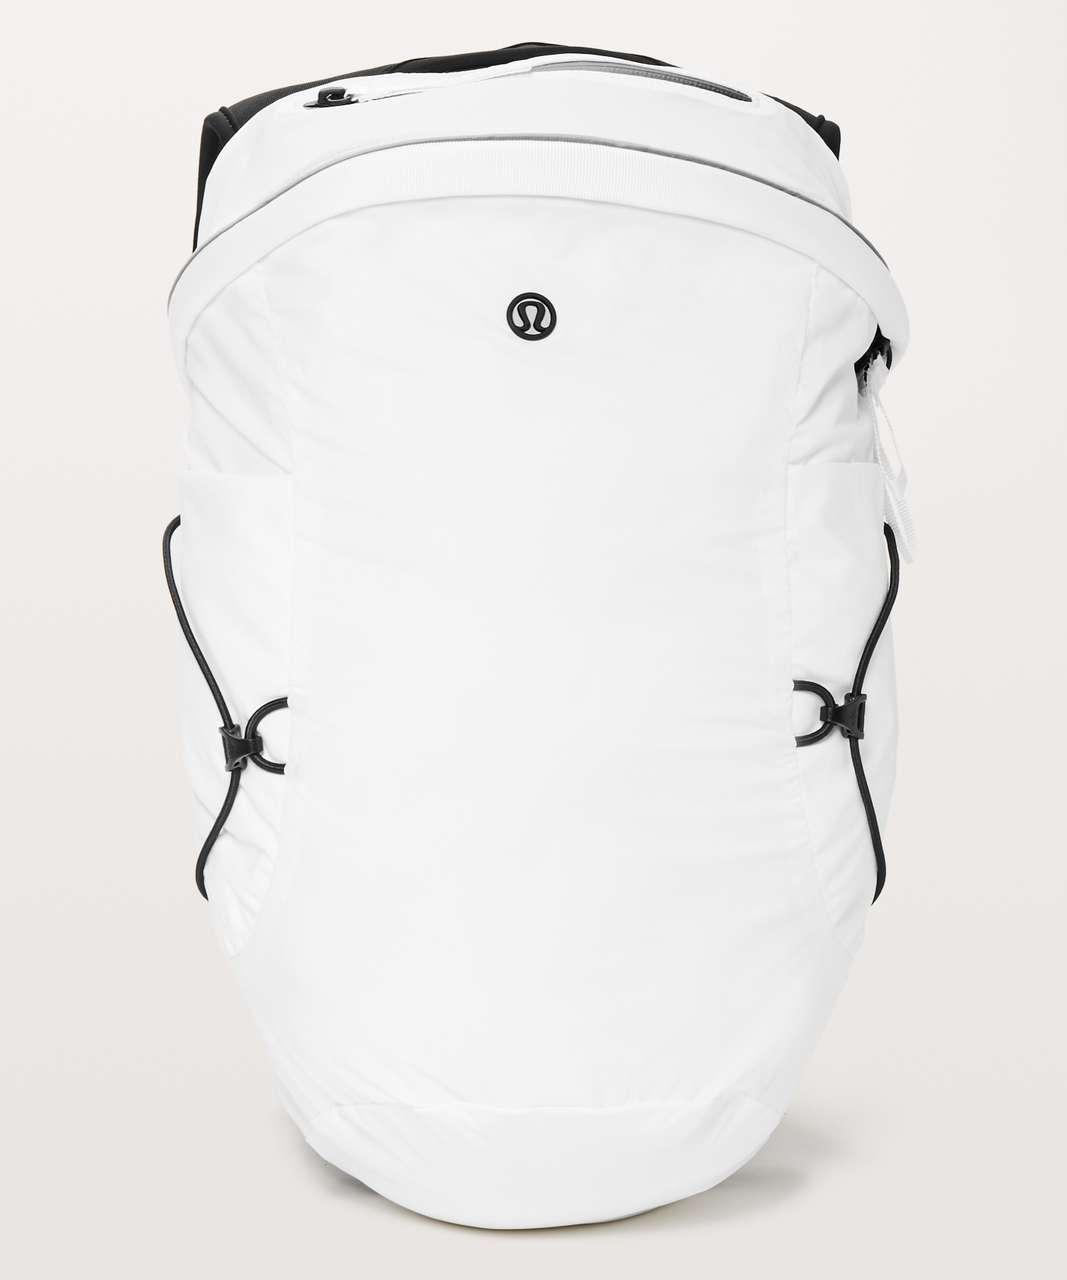 Lululemon Run All Day Backpack II *13L - White / Black